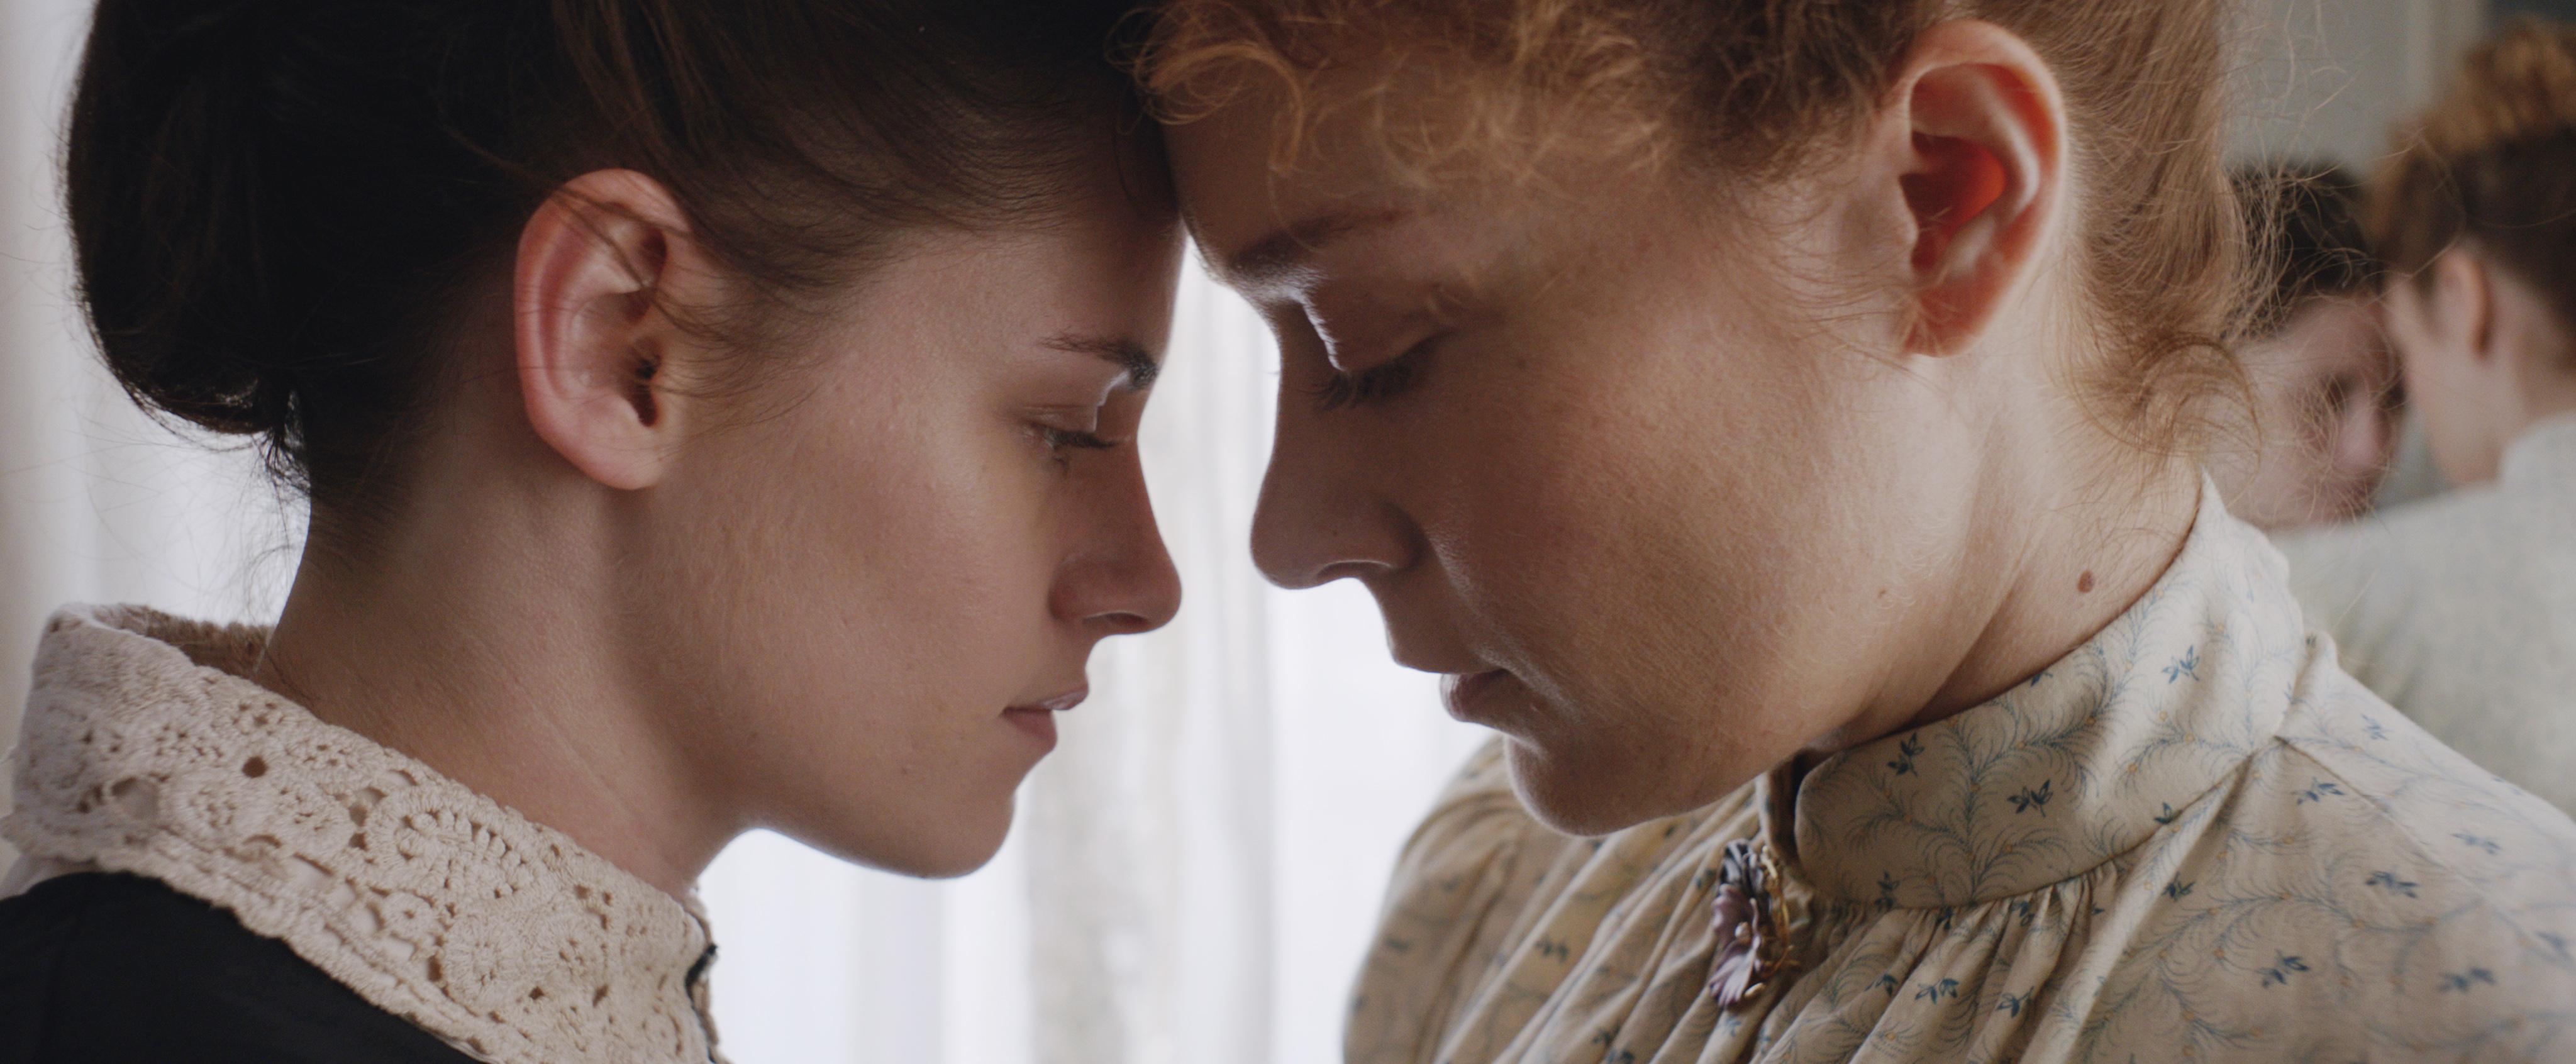 """""""Lizzie"""", filme com Chloë Sevigny e Kristen Stewart ganha trailer; assista"""